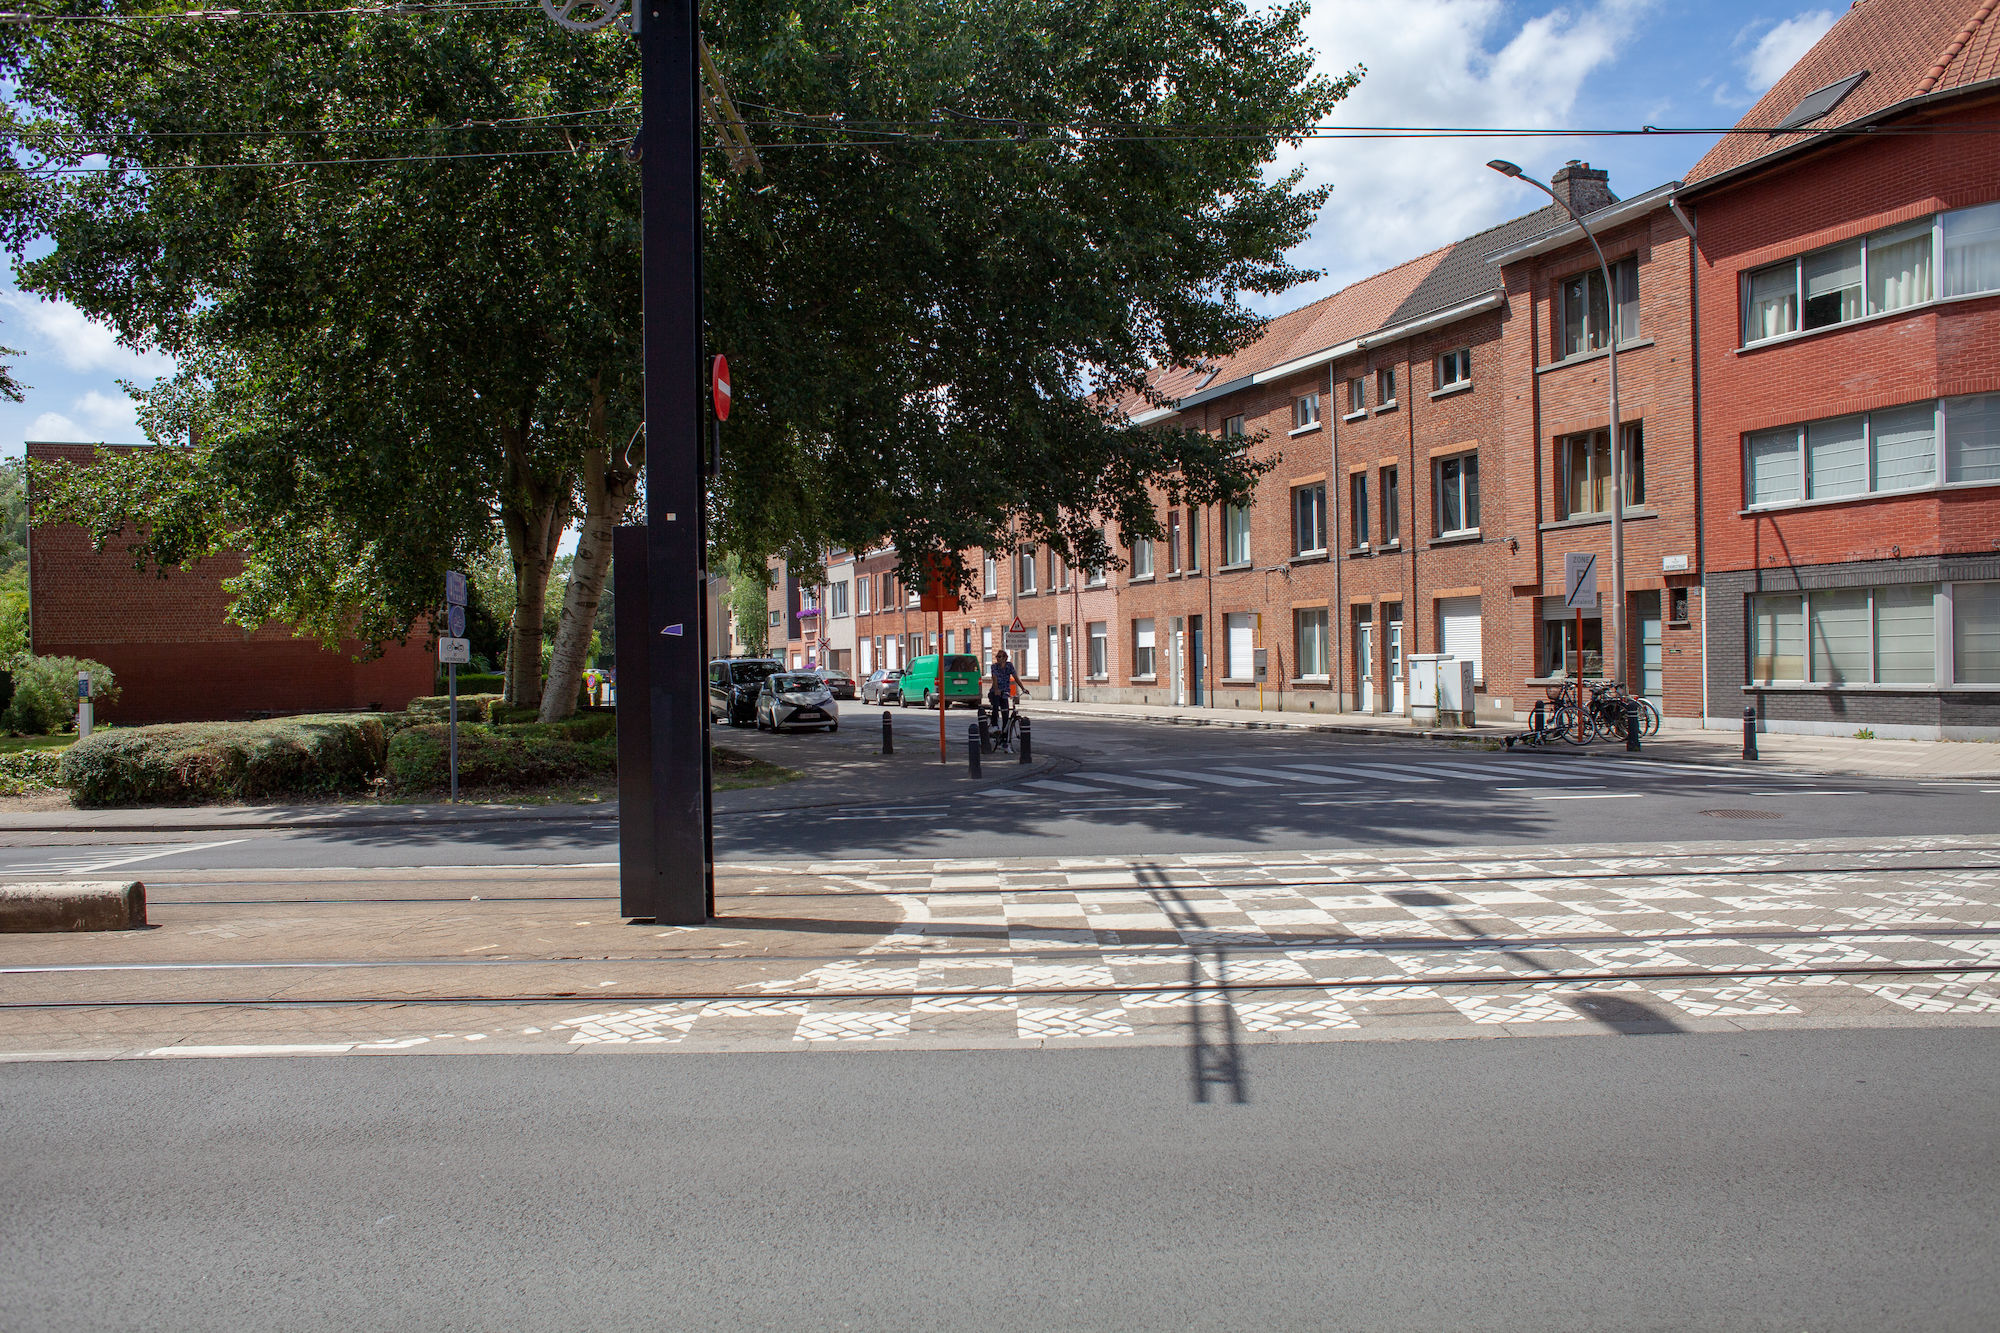 2019-07-01 Nieuw Gent prospectie met Wannes_stadsvernieuwing_IMG_0168-3.jpg